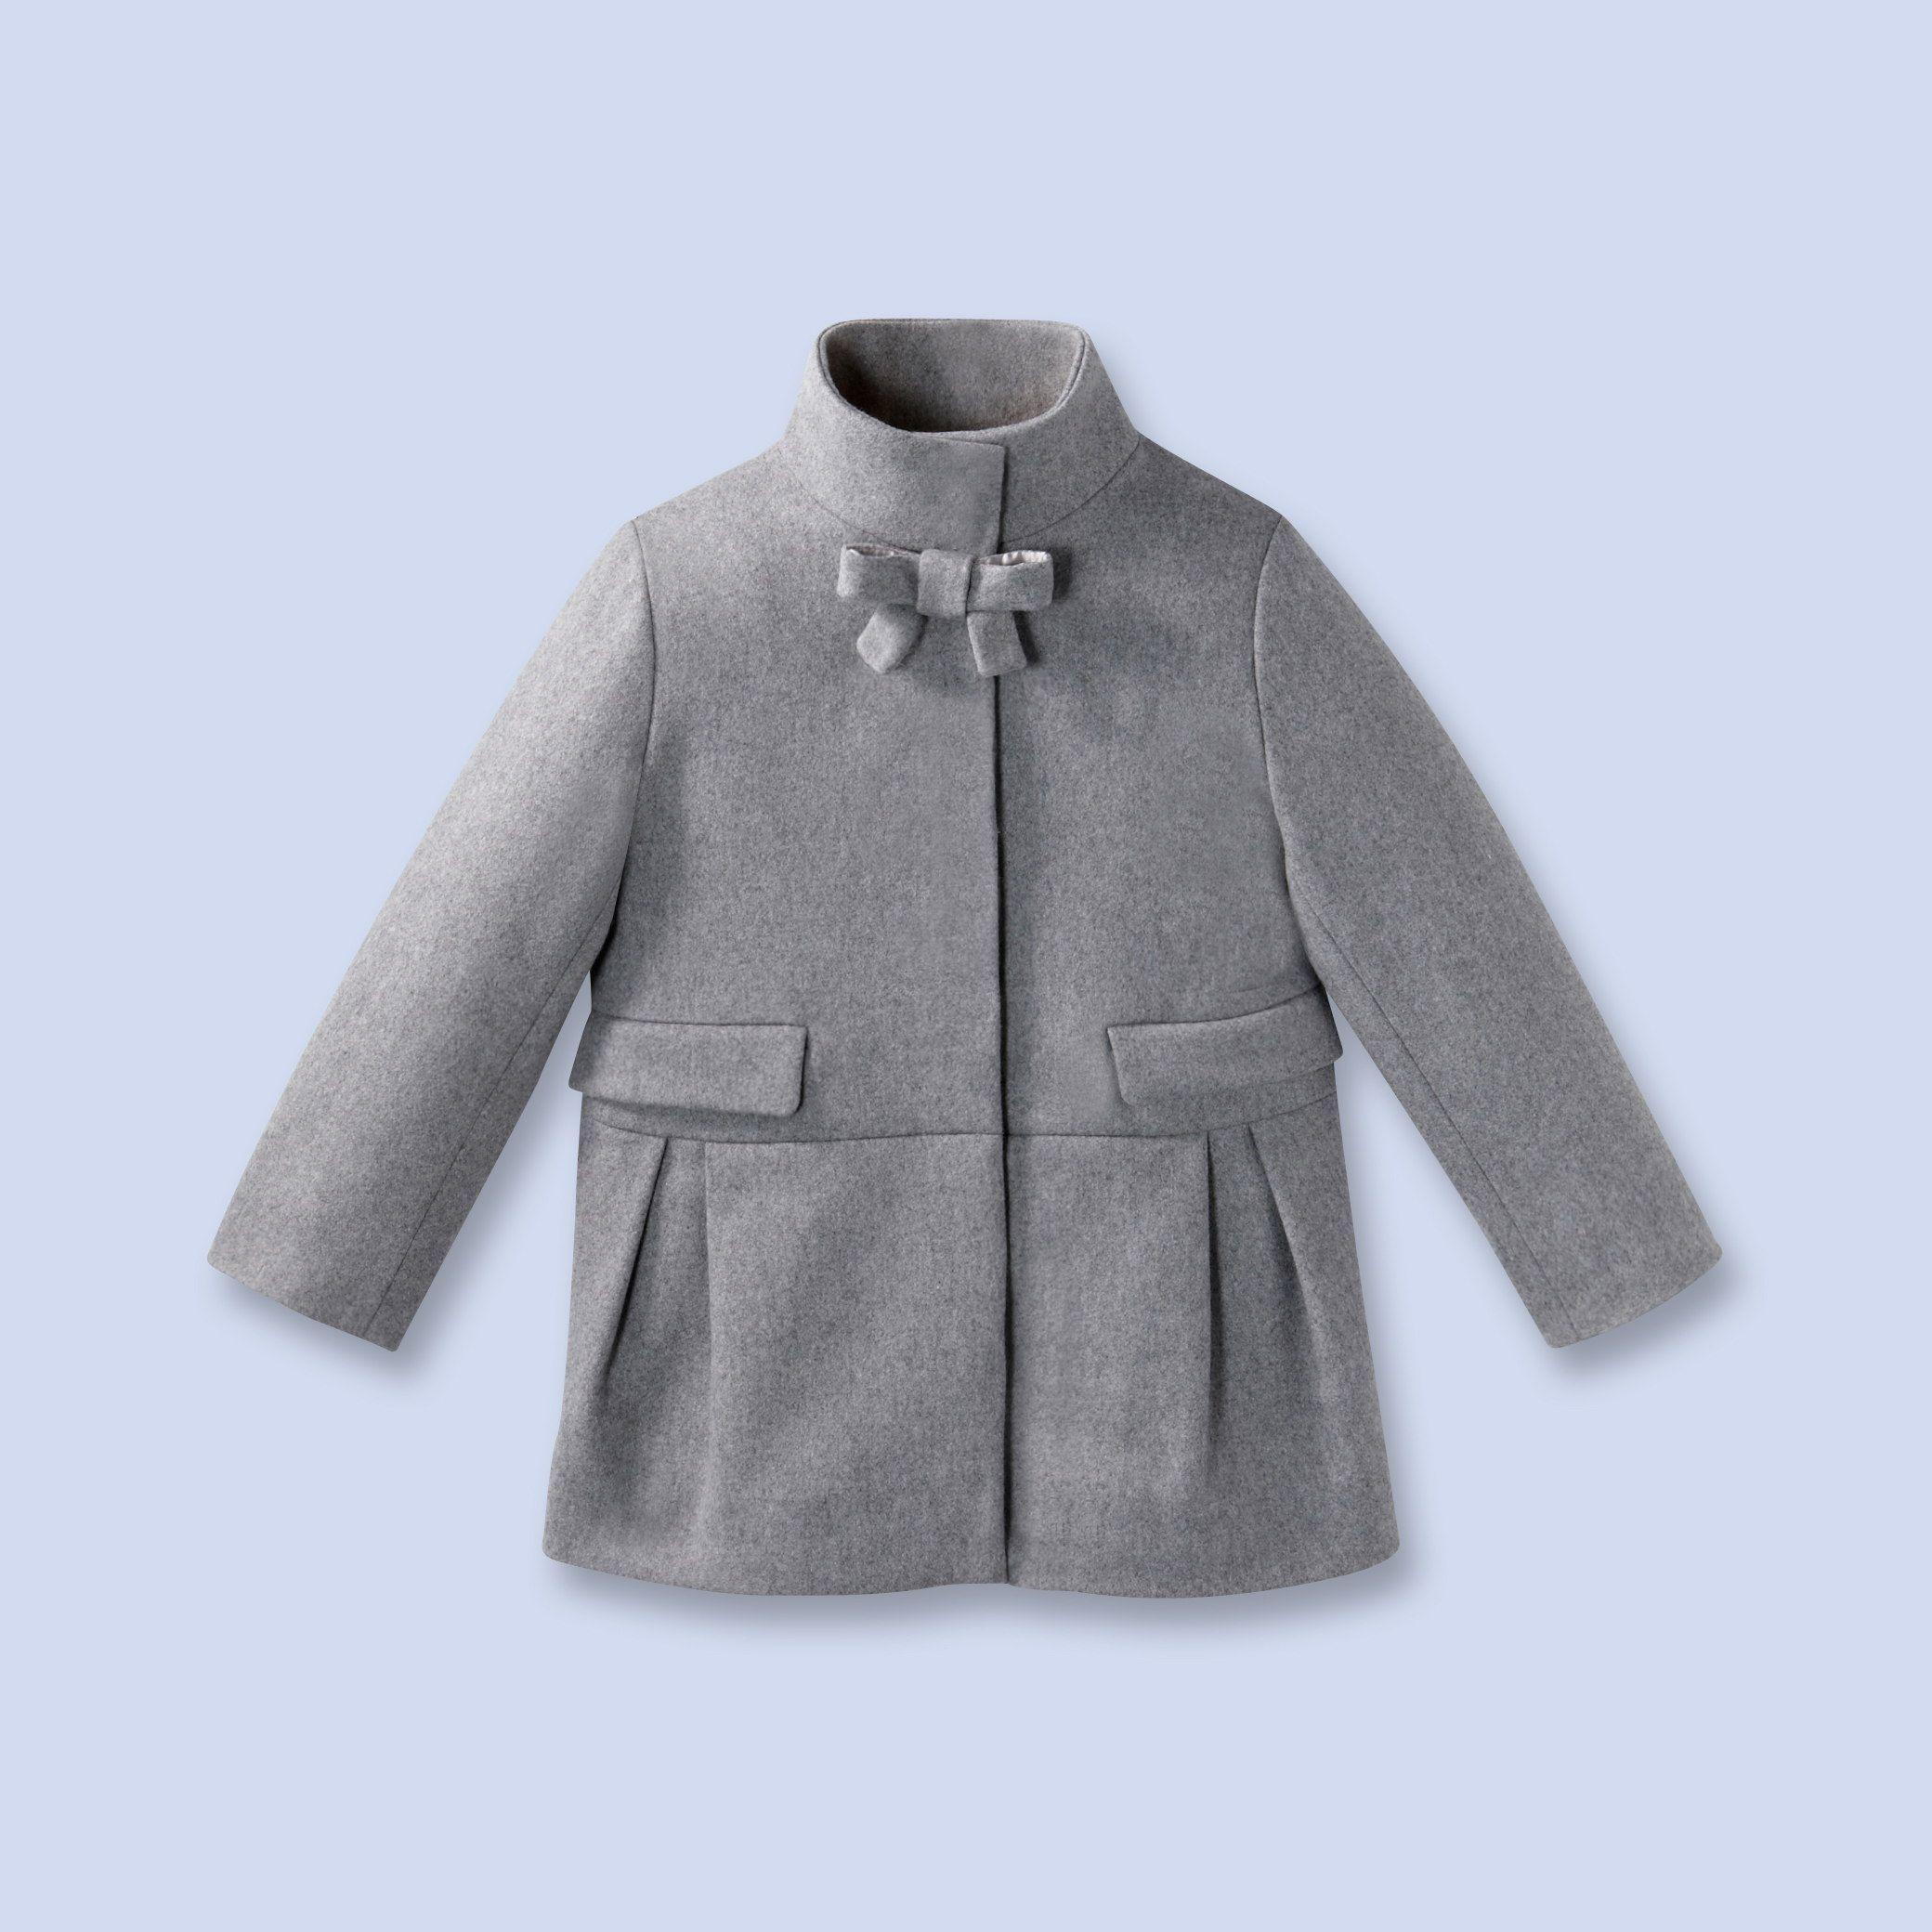 5e97f15a54cf0 Jacadi Manteau En Drap De Laine Pour Enfant Fille Mode